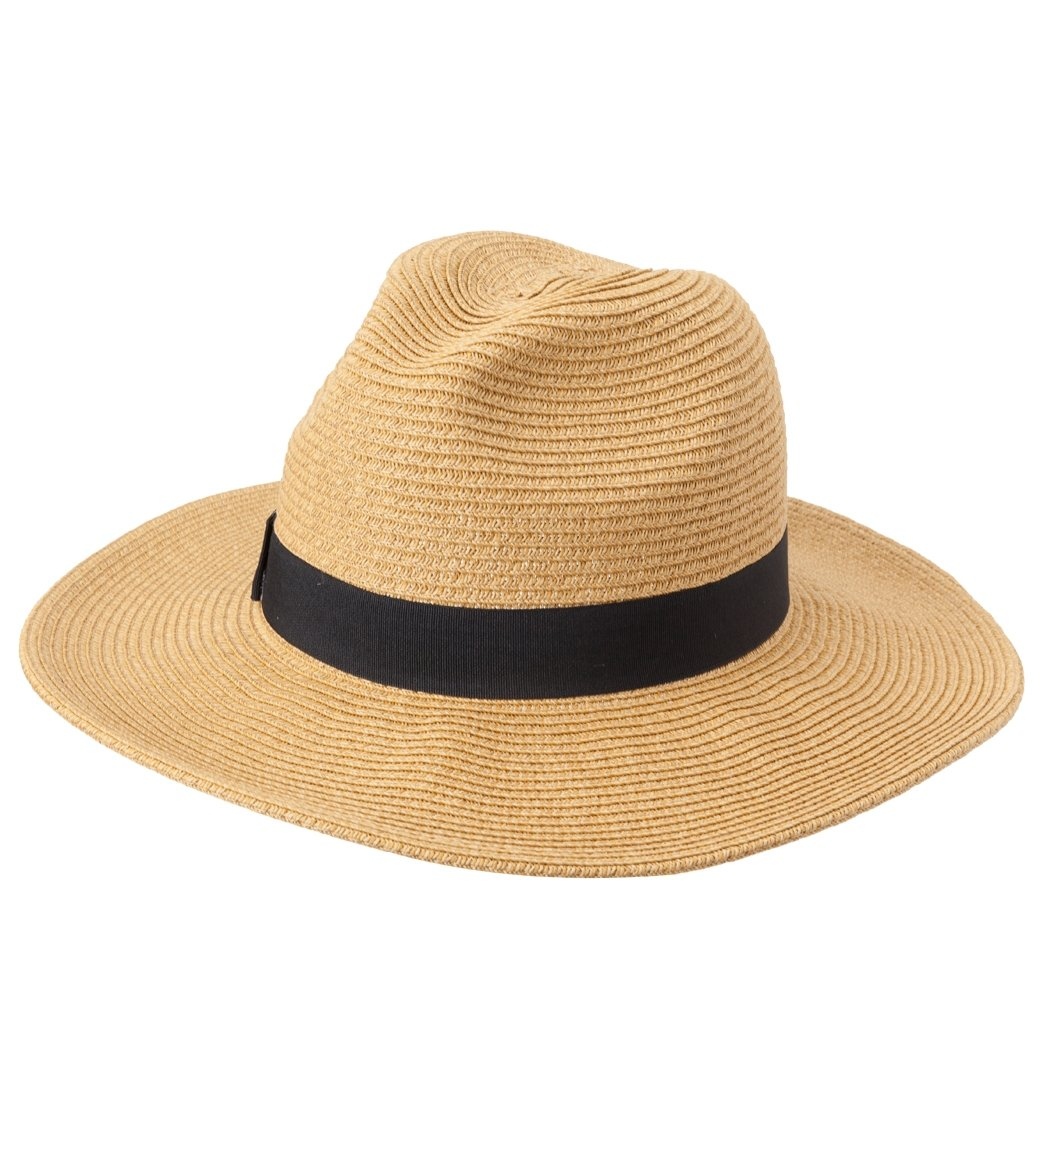 86a78e59 Sun N Sand Women's Multi Sewn Paper Braid Safari Hat at SwimOutlet.com